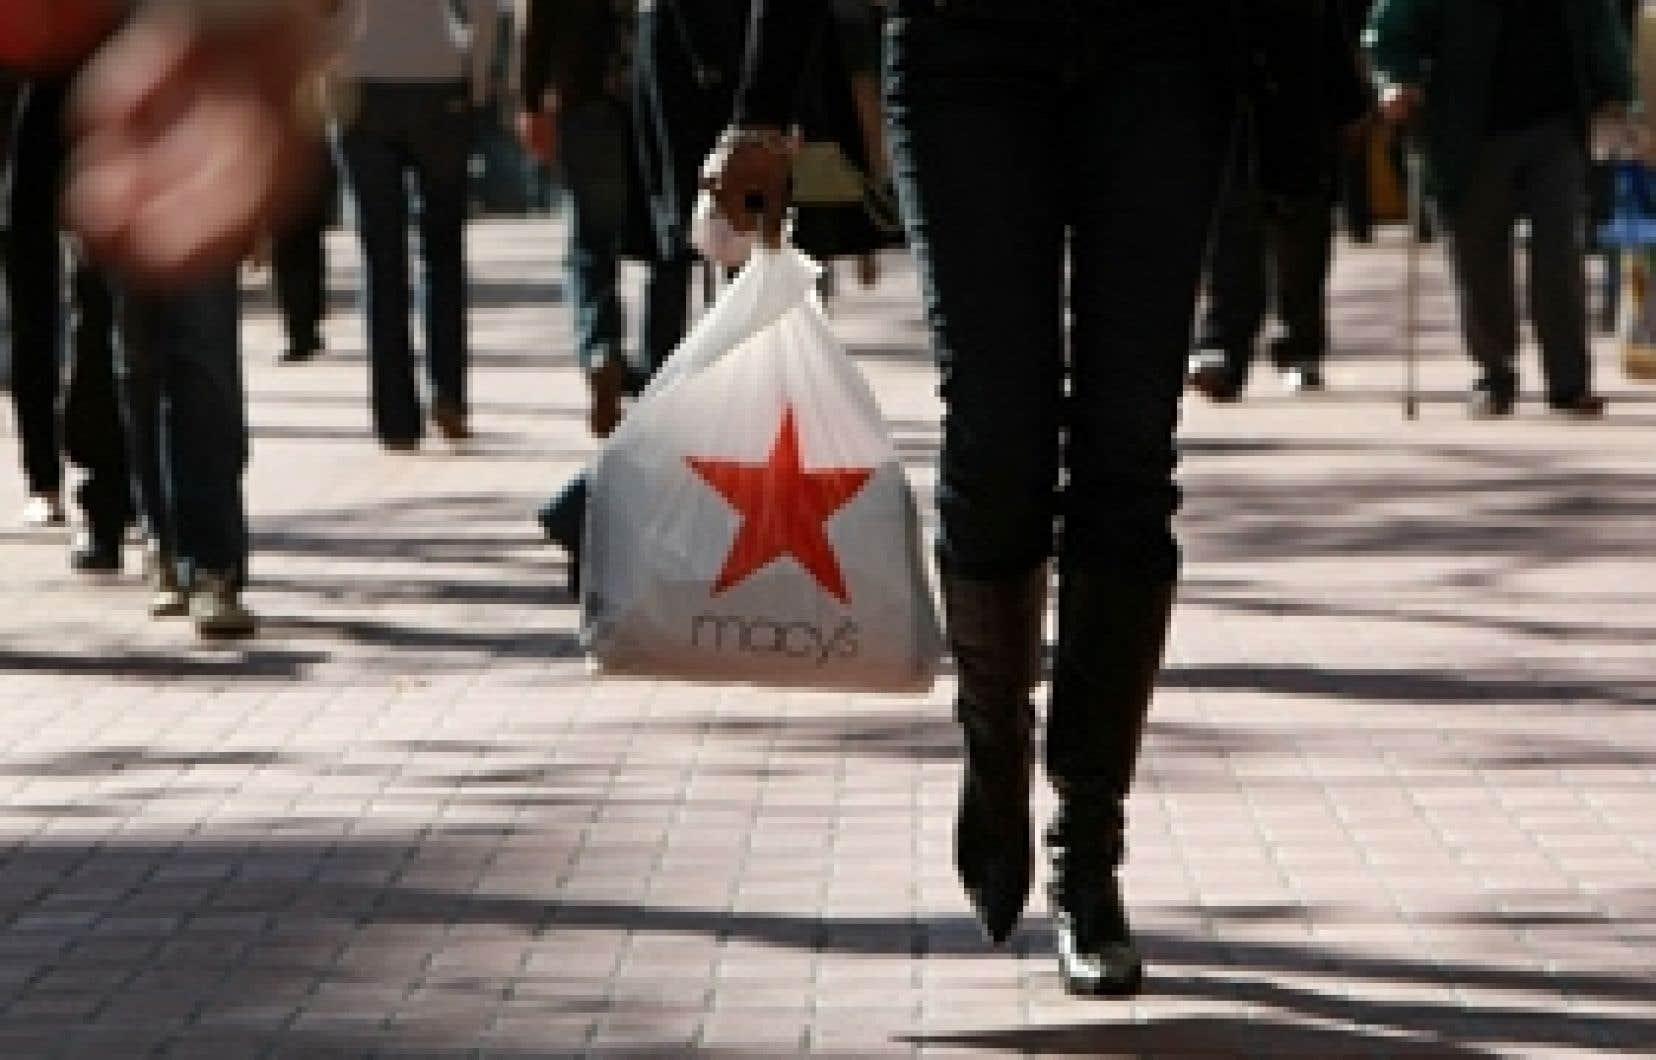 L'indice de confiance des consommateurs est tombé en décembre à son niveau le plus bas depuis sa création, en 1967.